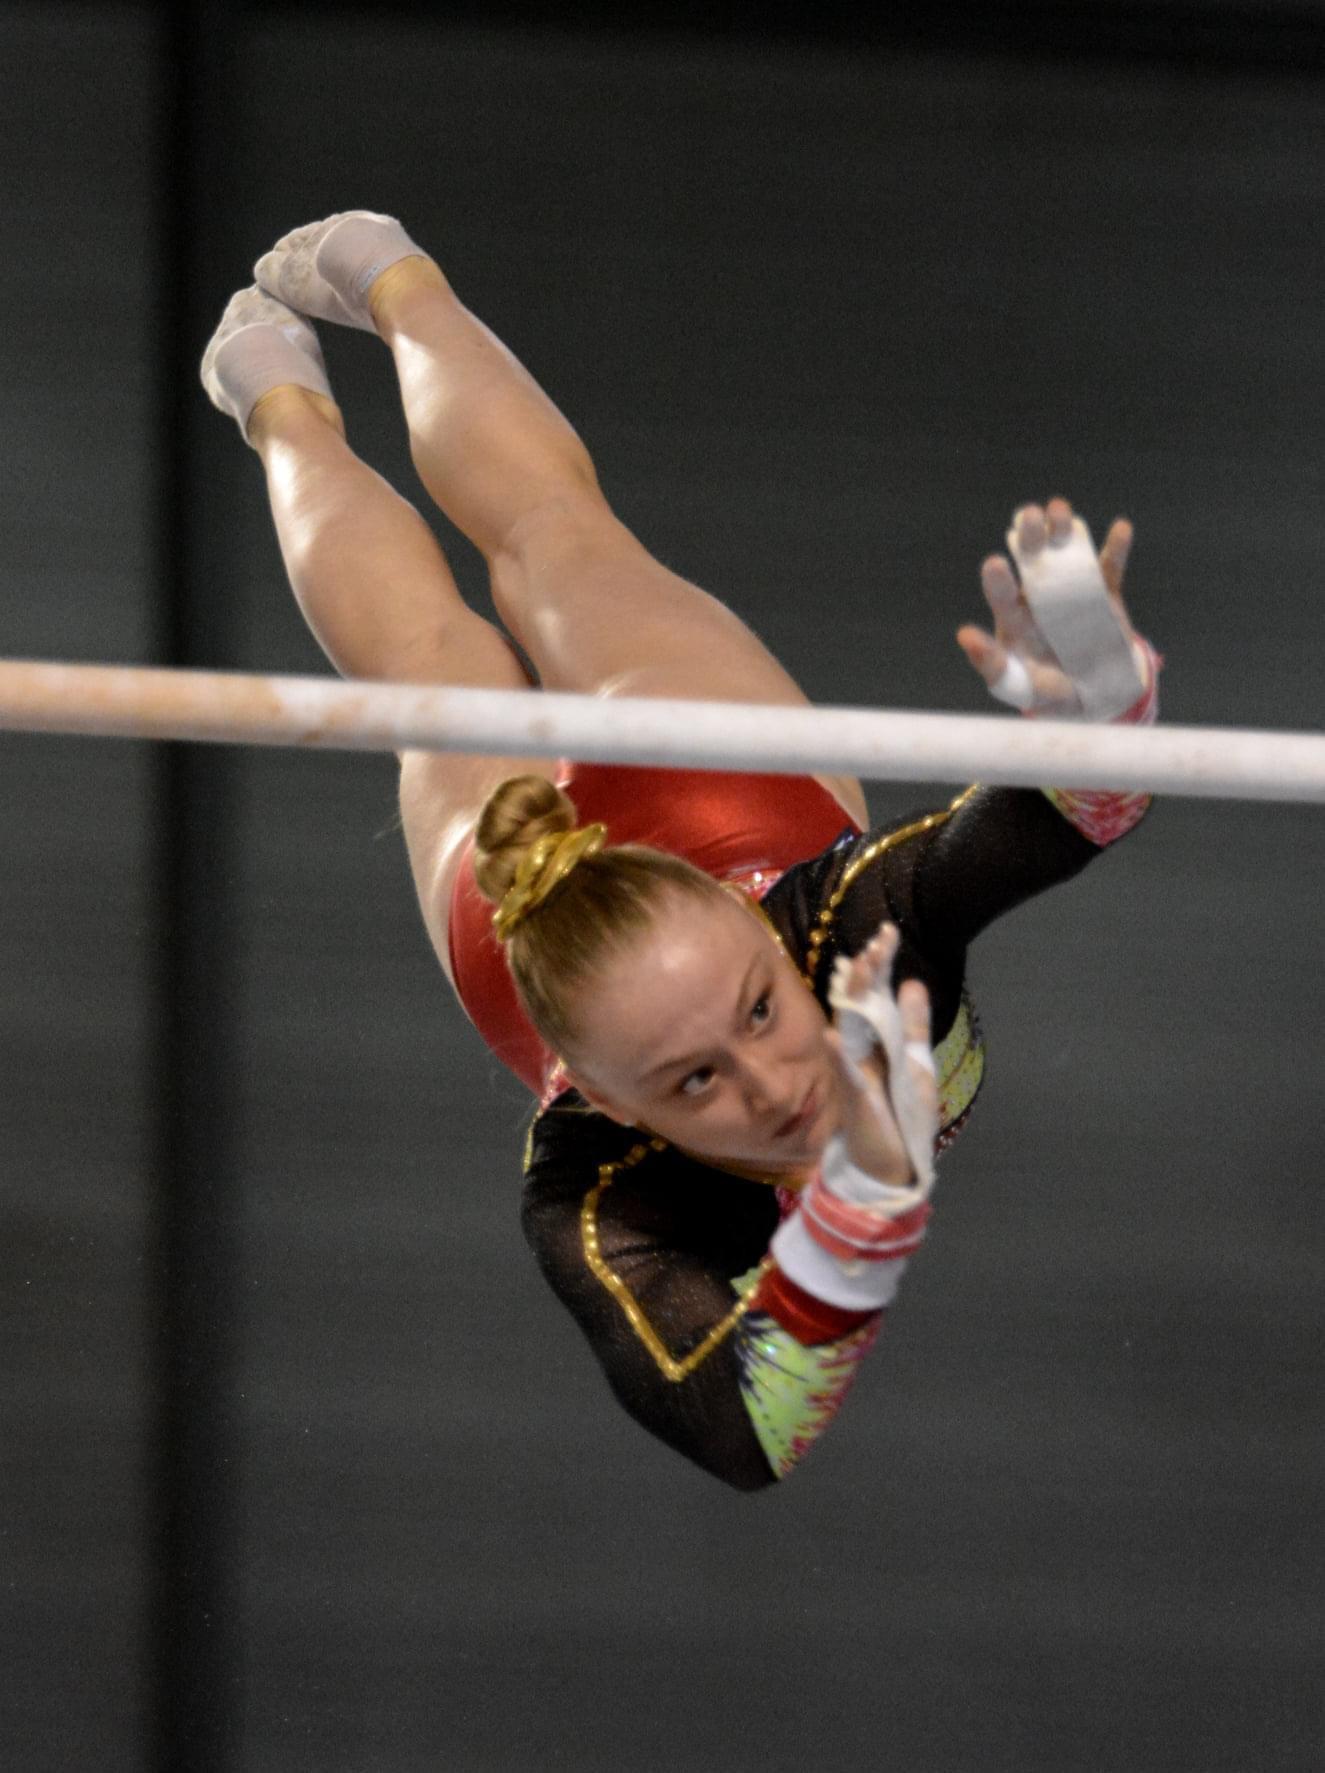 Keerbergse sportbelofte Lisa Vaelen geselecteerd voor de Olympische Spelen in Tokio